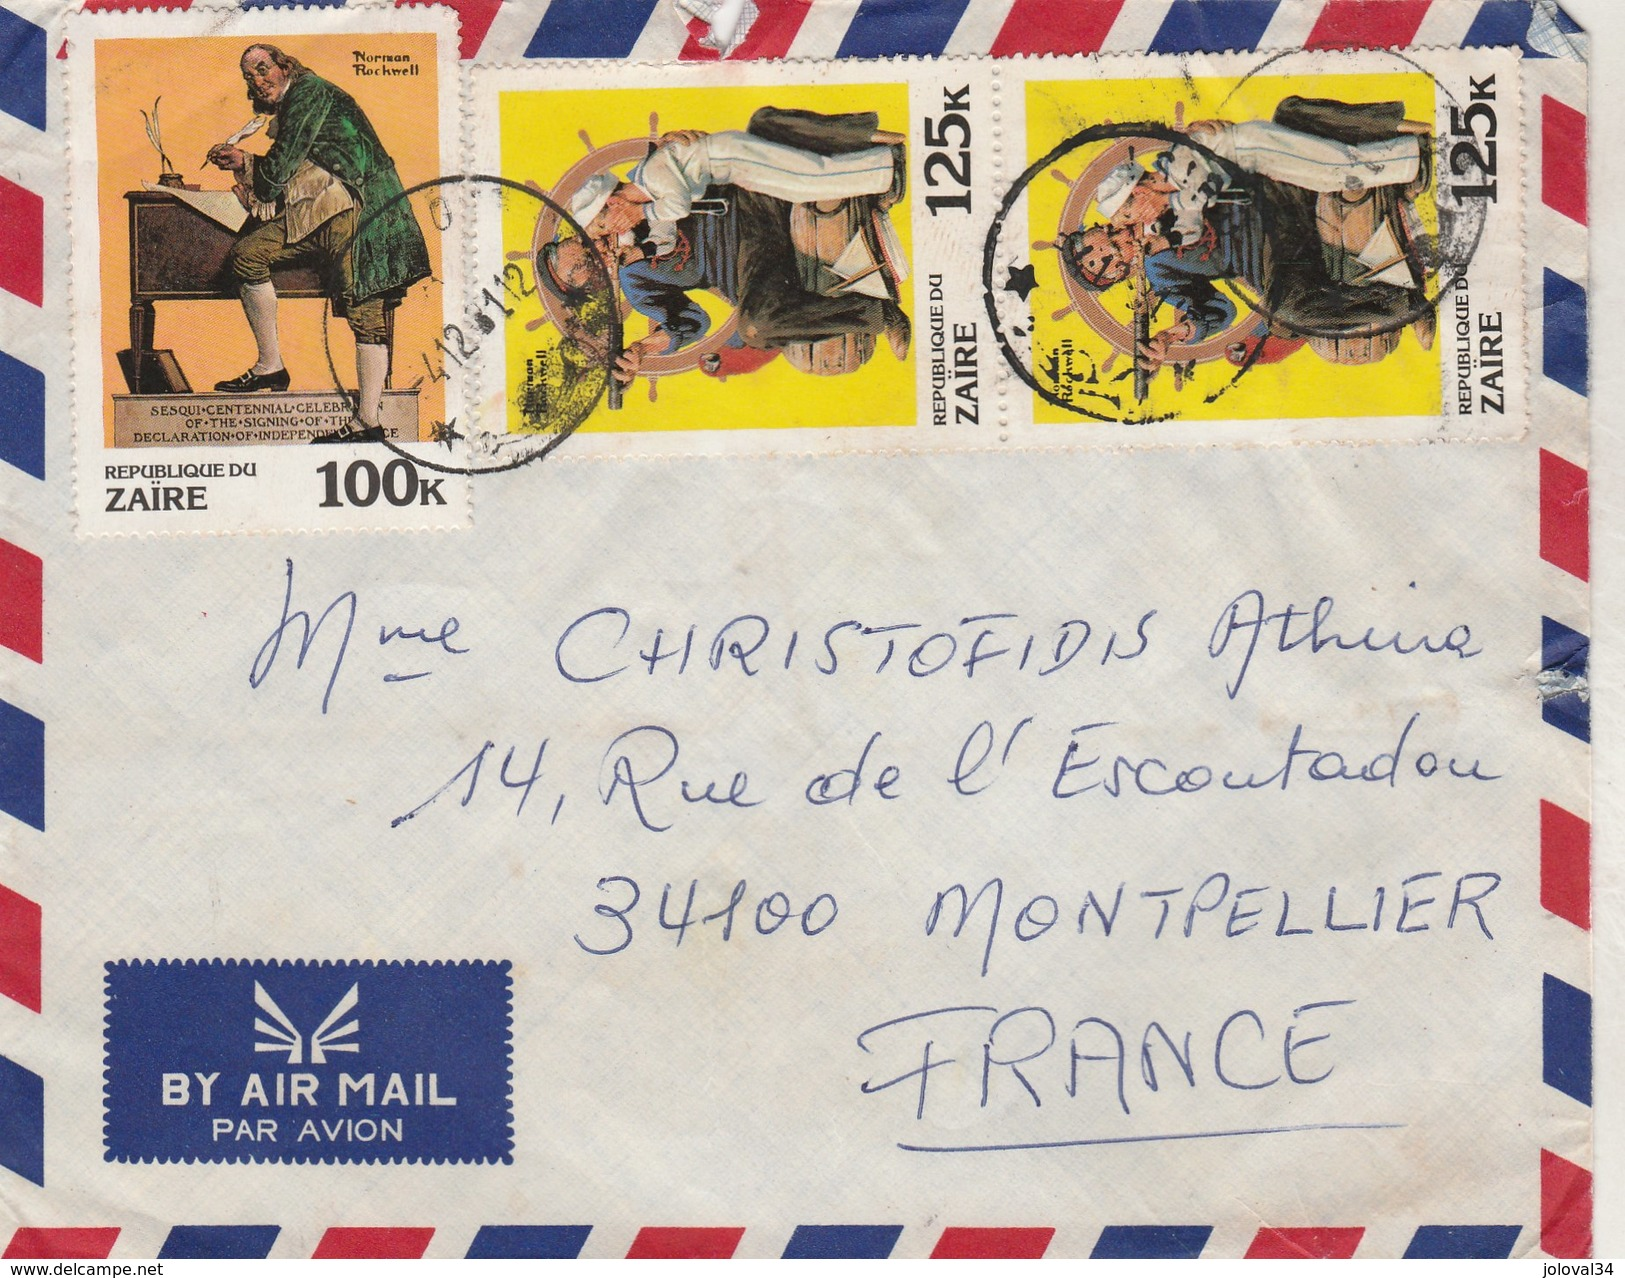 ZAIRE Lettre Avion  1981 Pour Montpellier France - Art Peinture Norman Rochwell - Musique Indépendance US - 1980-89: Oblitérés